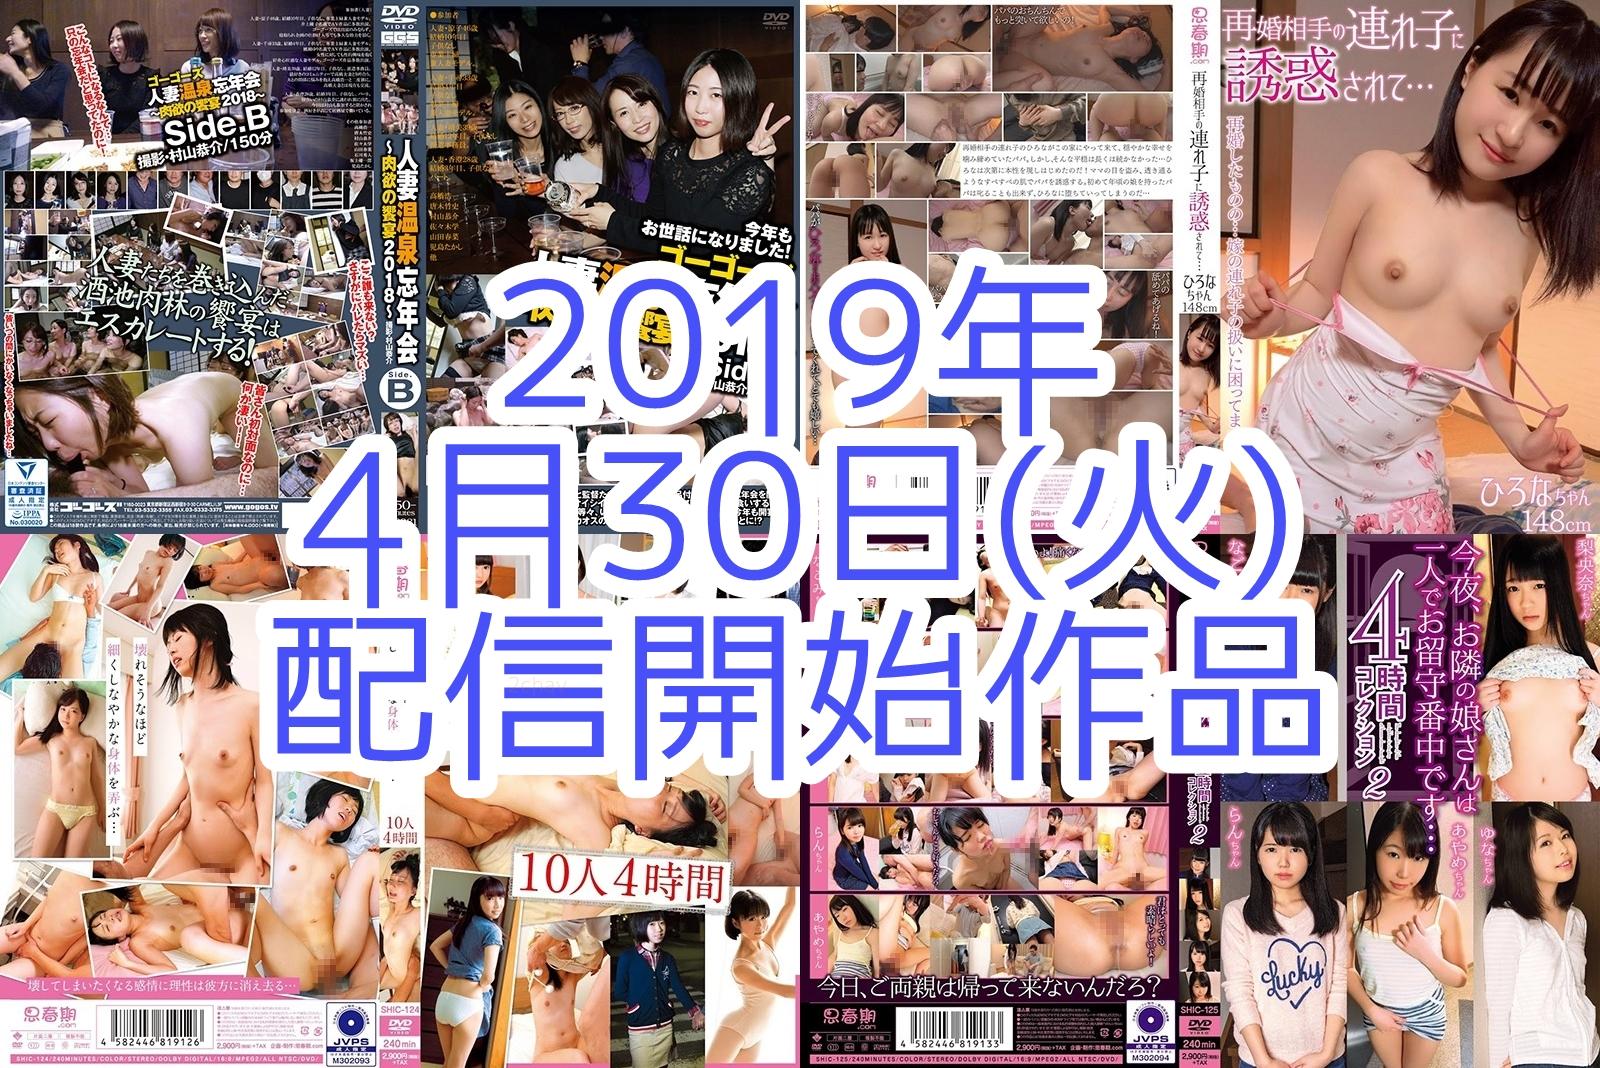 140c02381pl-tile.jpg